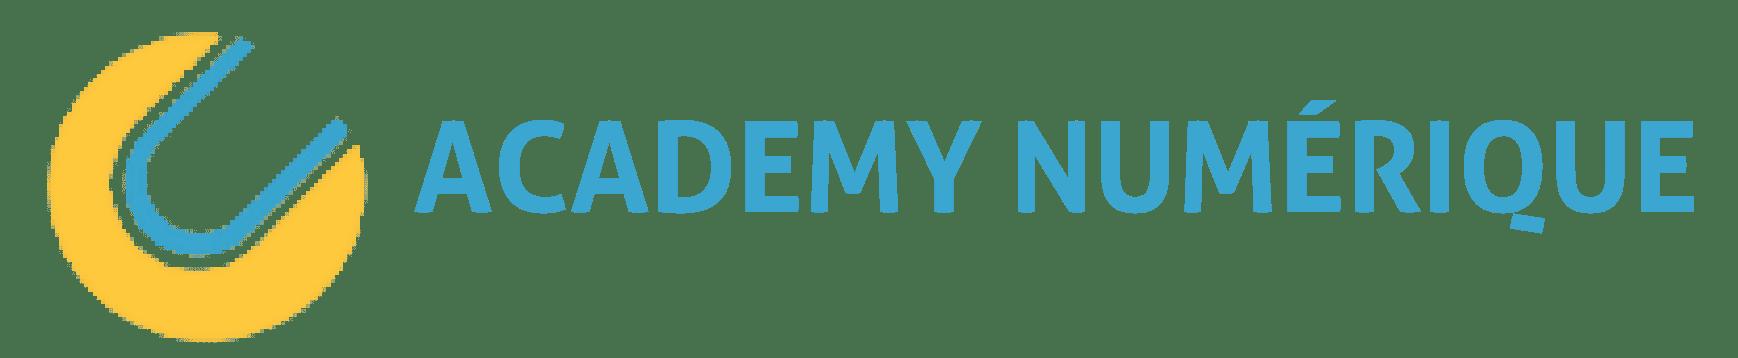 ACADEMY NUMERIQUE - Centre de formation dédié au Numerique en PACA